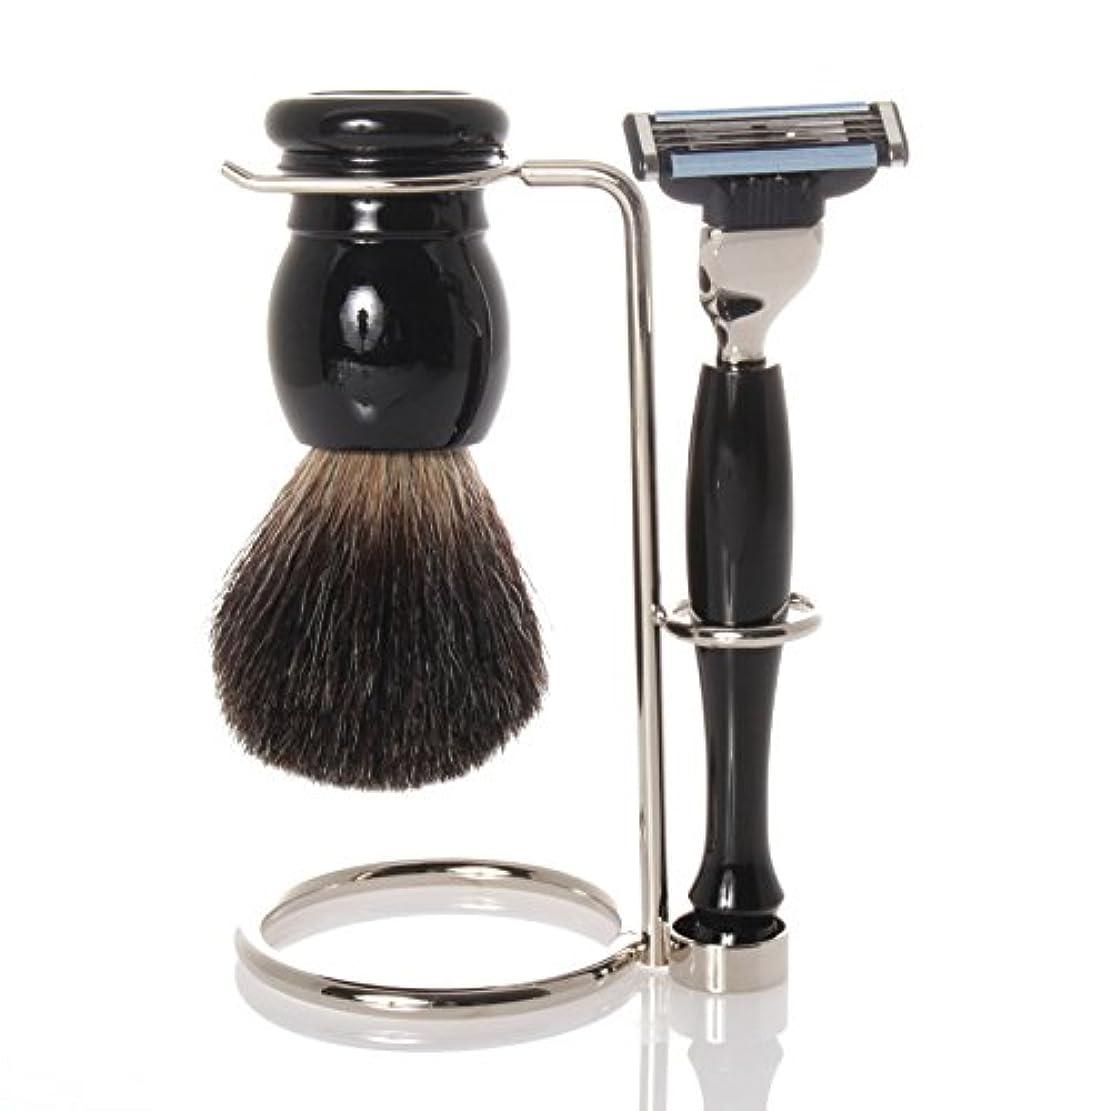 乱す致命的なランデブーShaving set with holder, grey badger brush, razor - Hans Baier Exclusive